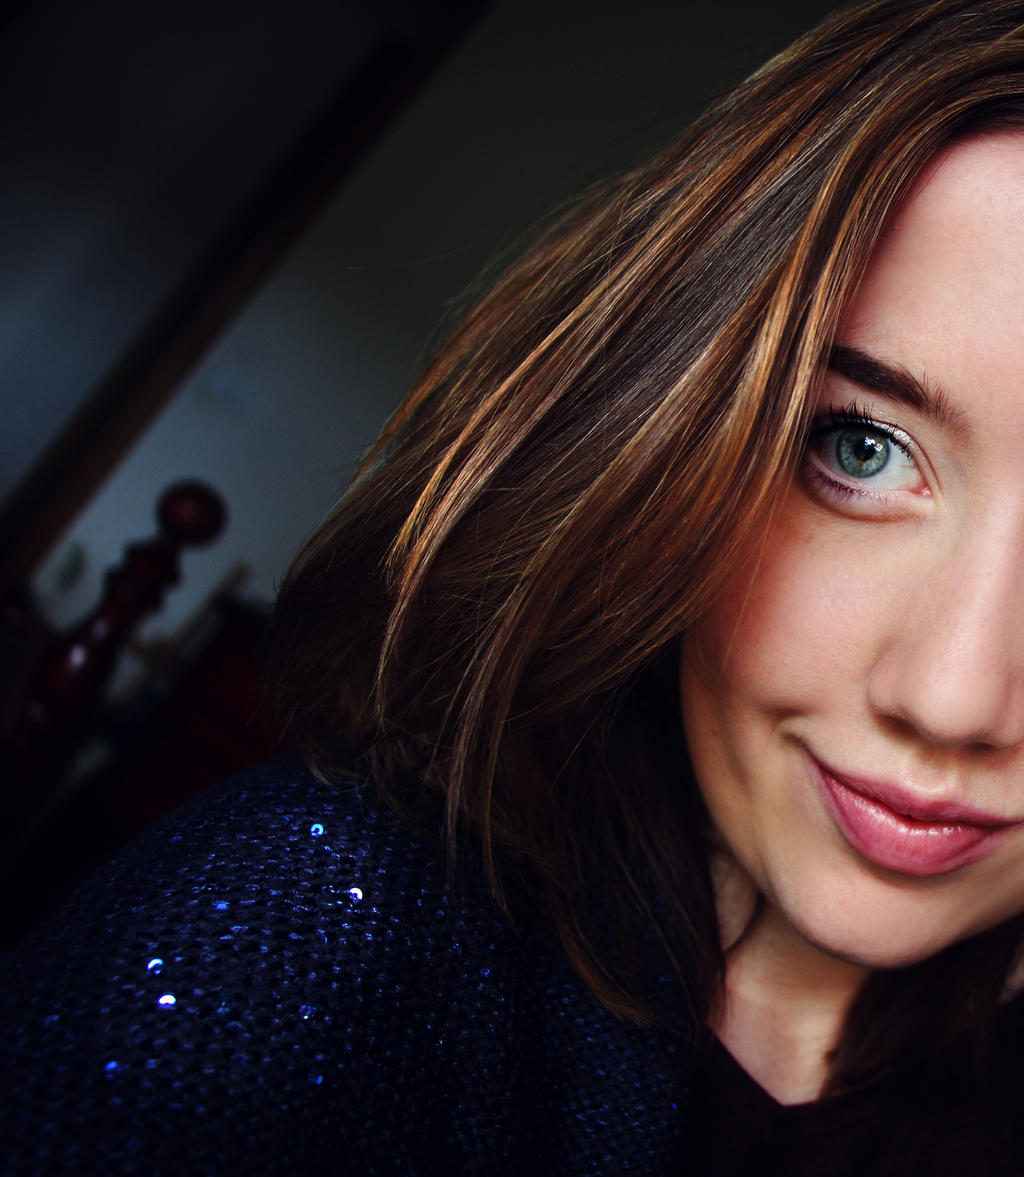 nataliebeth's Profile Picture